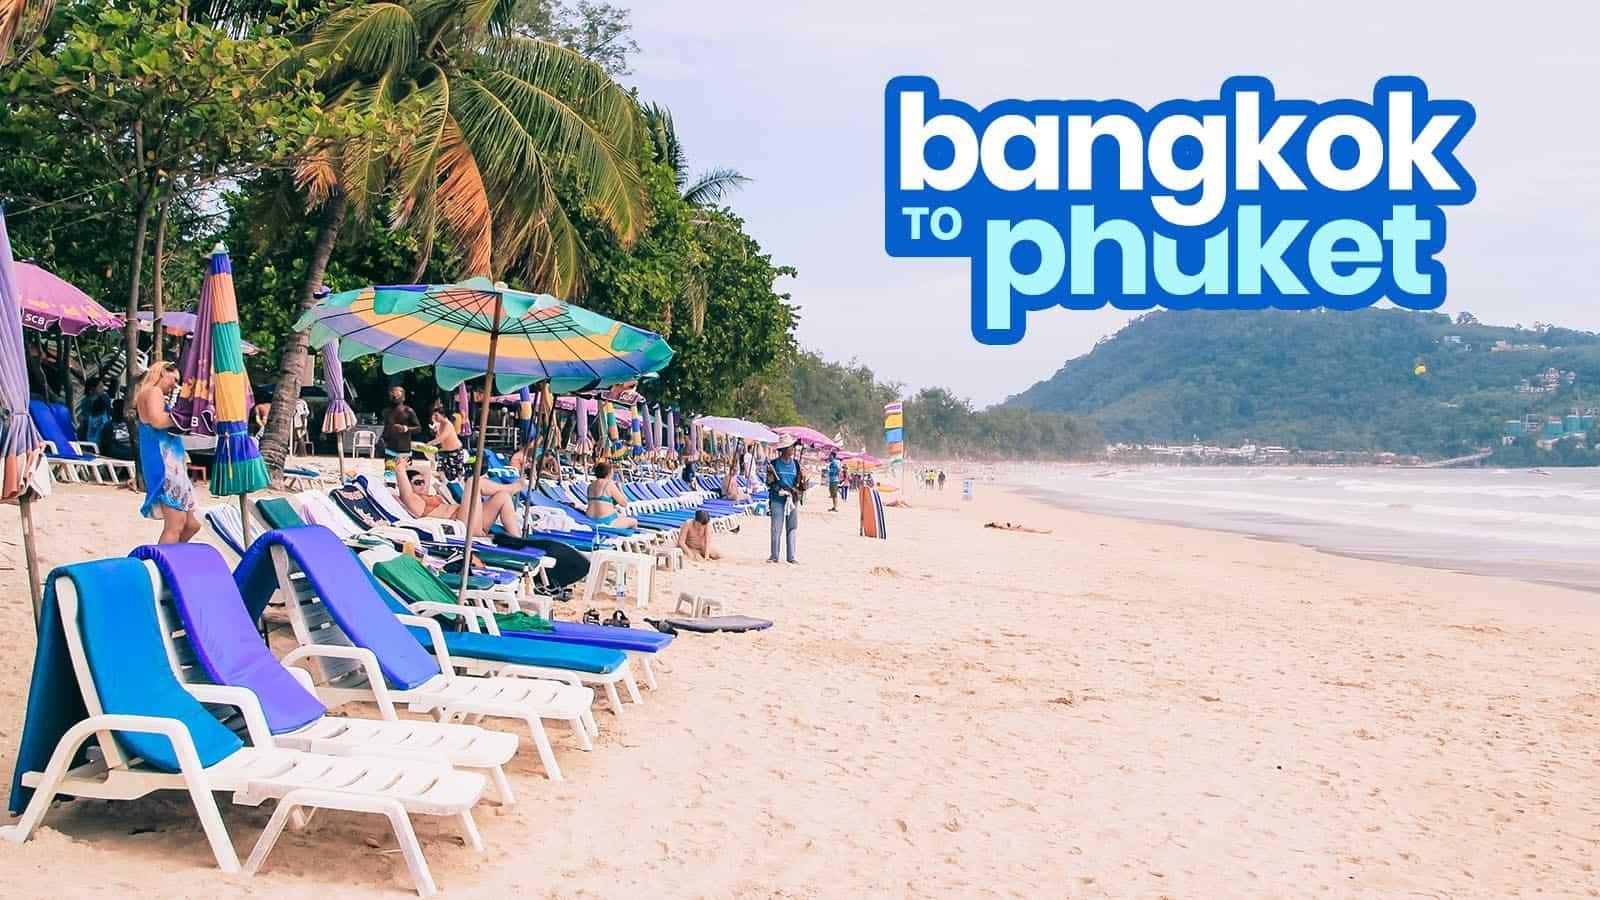 曼谷到普吉岛:巴士、火车和飞机 | 穷游者的行程博客